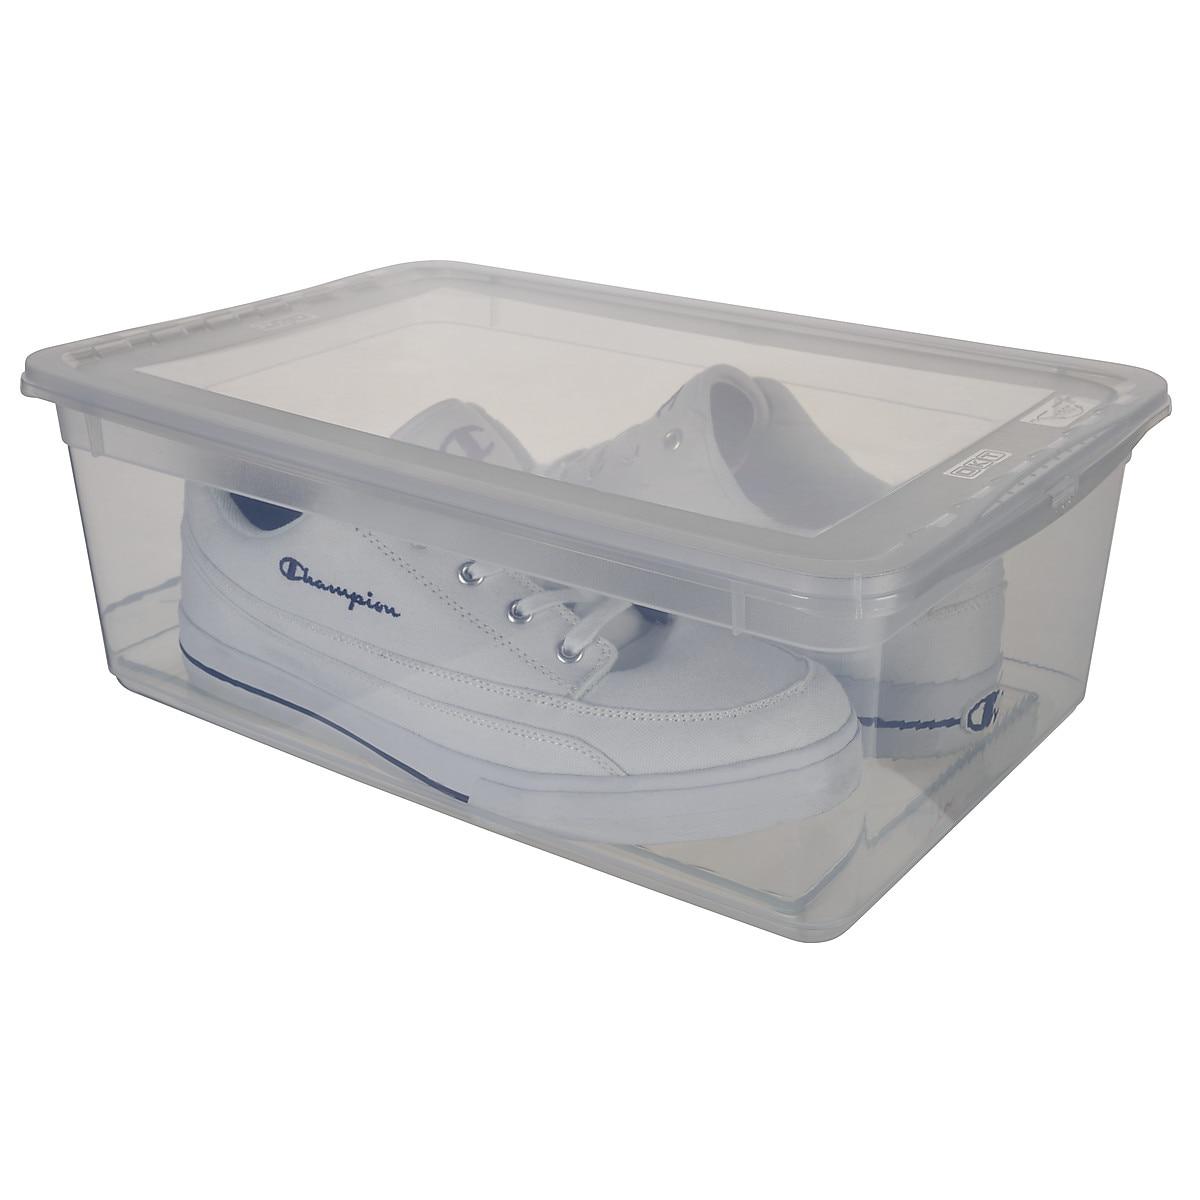 Kenkälaatikko, jossa tuuletusaukot